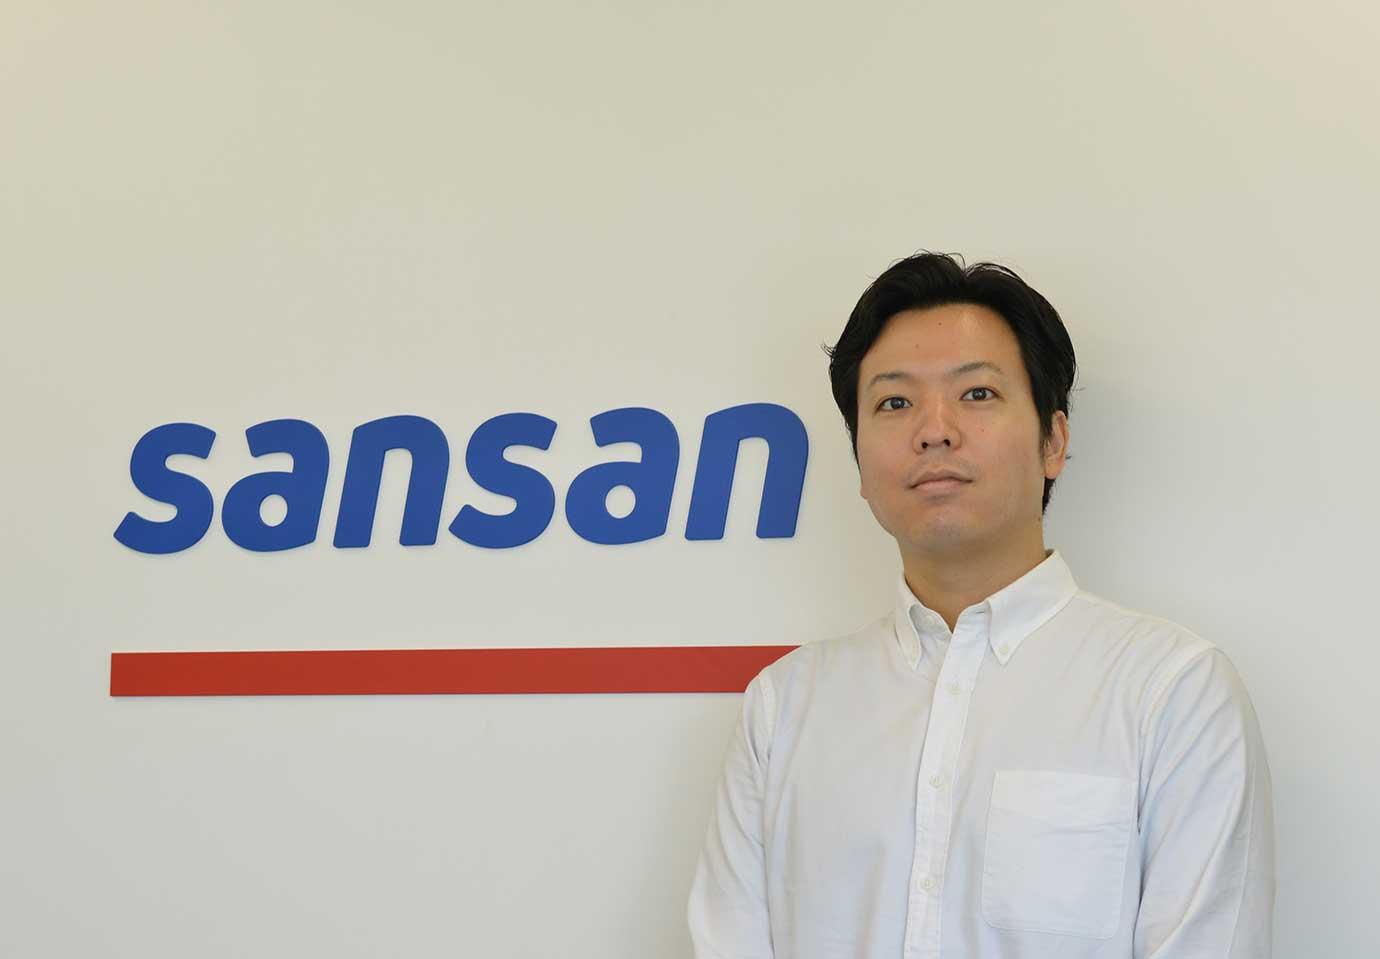 今回お話を伺ったSansan株式会社ブランドコミュニケーション部 PRマネージャー 小池亮介氏。